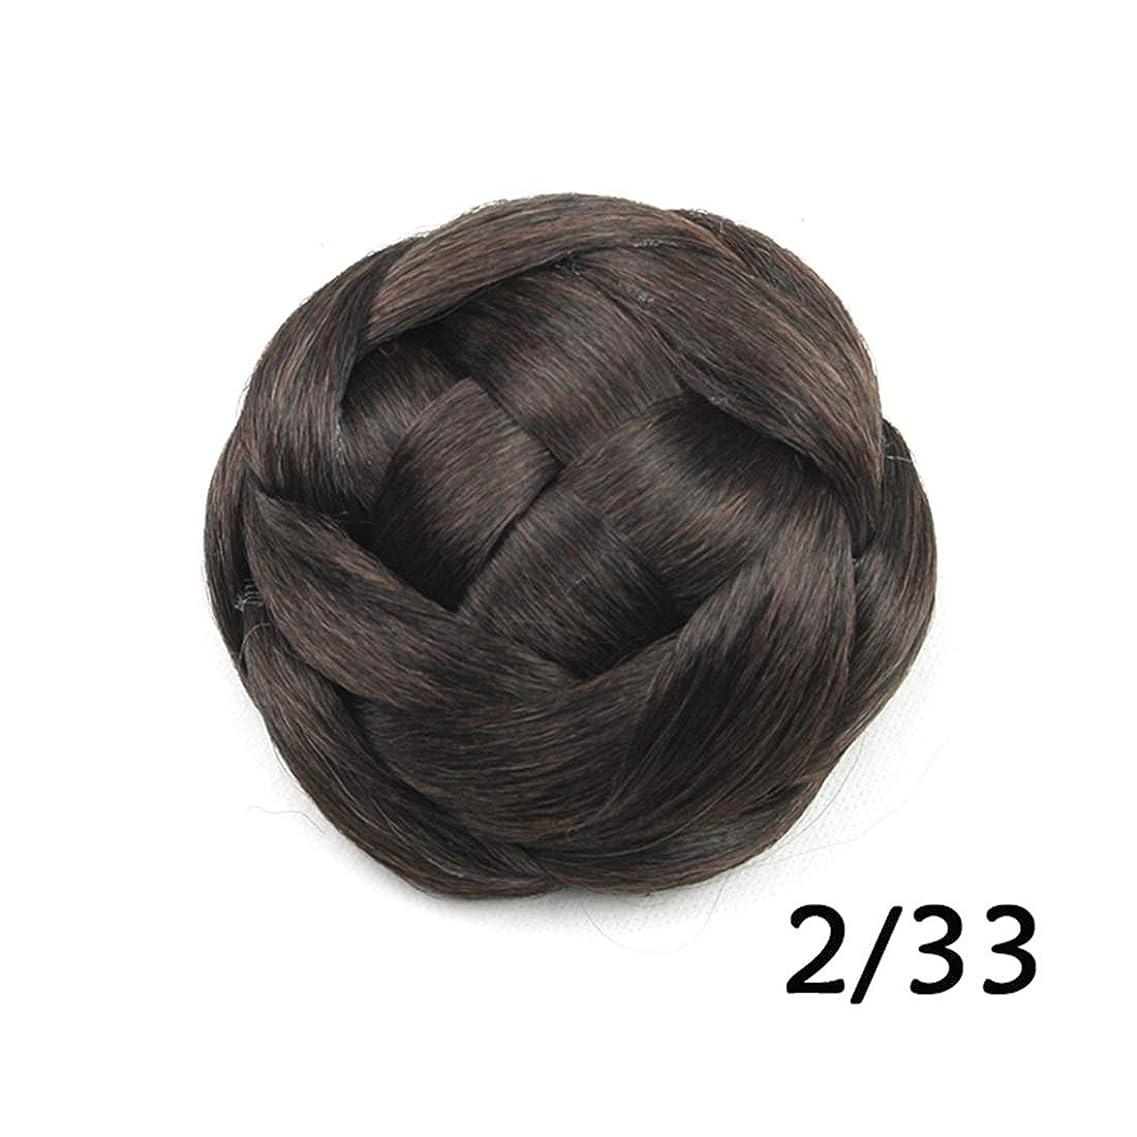 迫害するレトルトブラジャーKoloeplf ブライダルヘッドドレスバンレディヘアピンスウィートフラワーリーボールヘッドヘア (Color : Color 2/33)